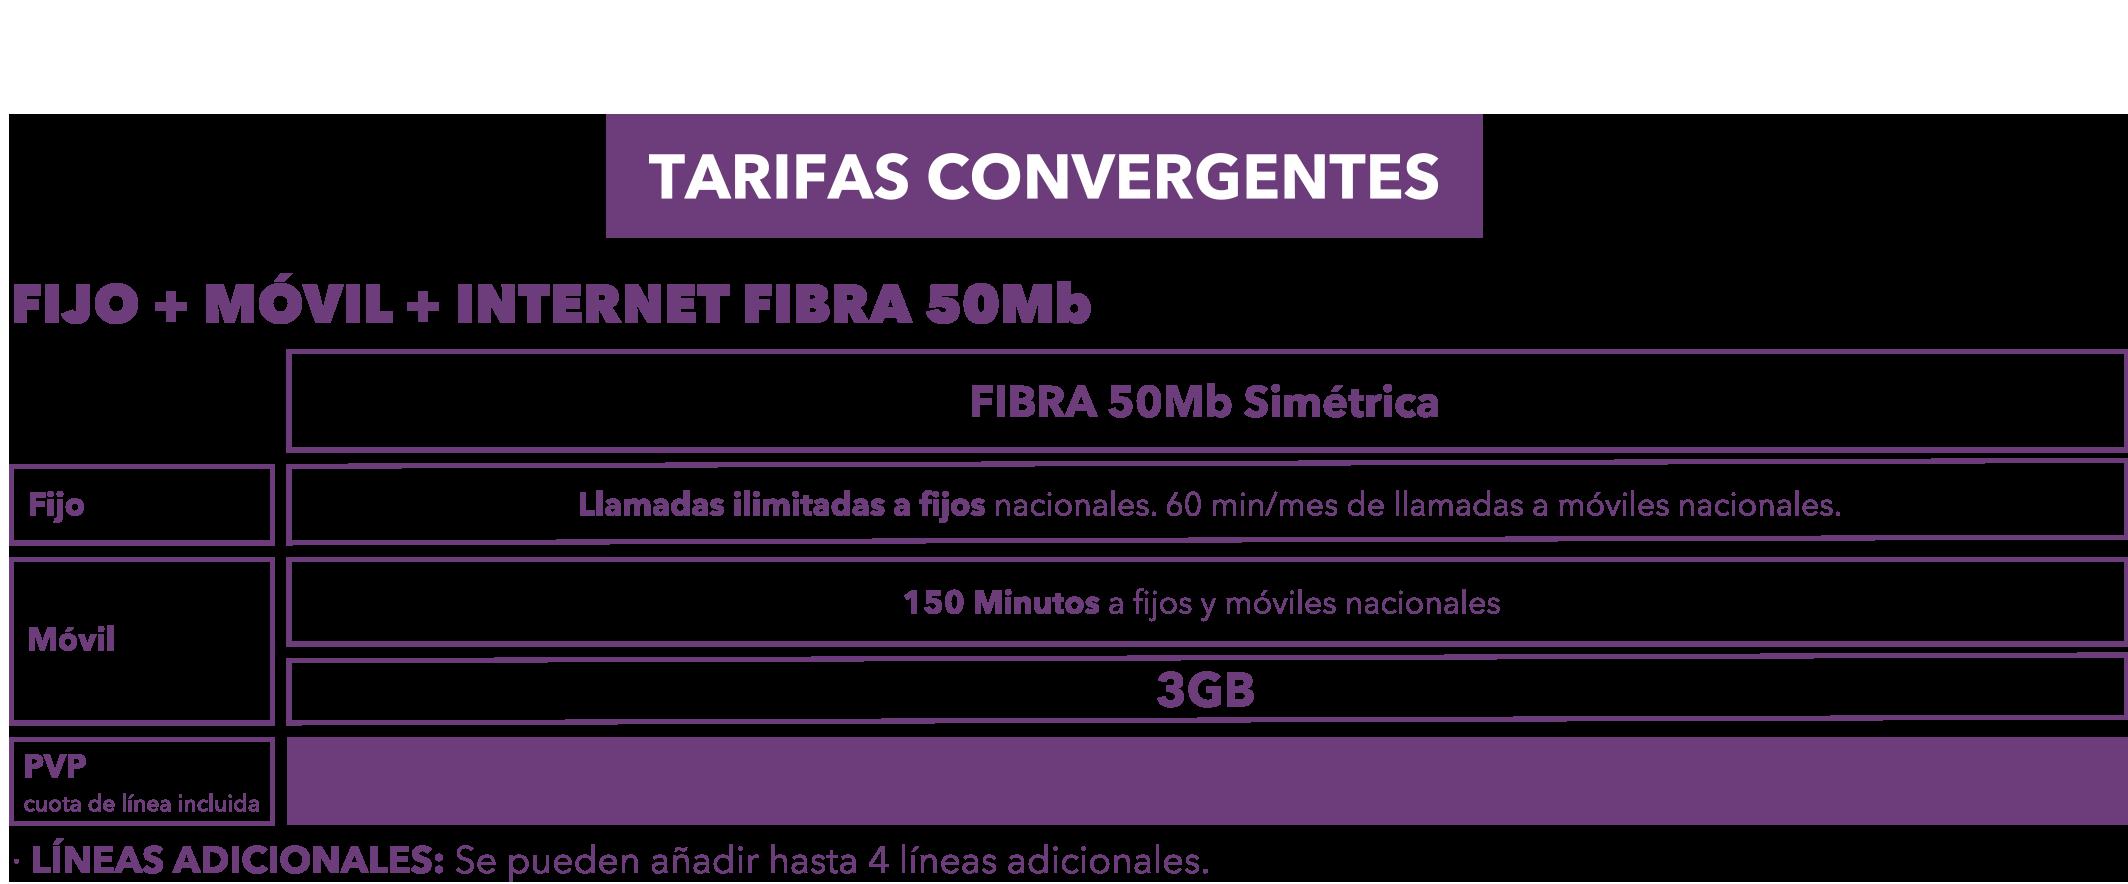 tarifa convergente llamaya